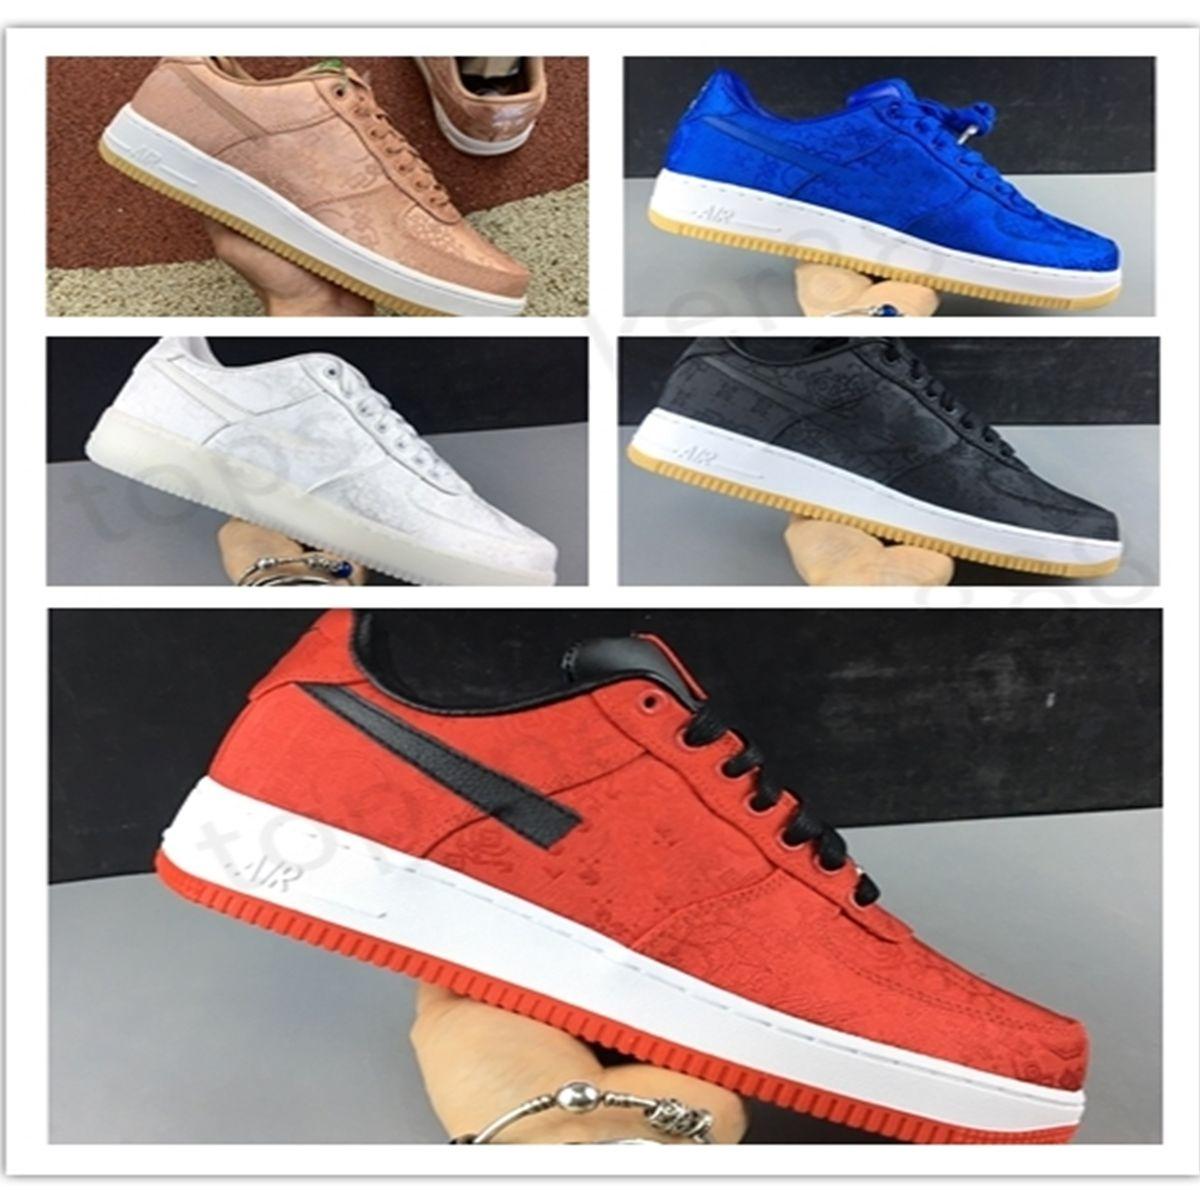 أعلى جودة الجلطة 2020 أزياء جديد منخفض أحذية عارضة صبار جاك مان تتفاعل أحذية ENG اديسون تشن حذاء رياضة الدانتيل متابعة مع صندوق